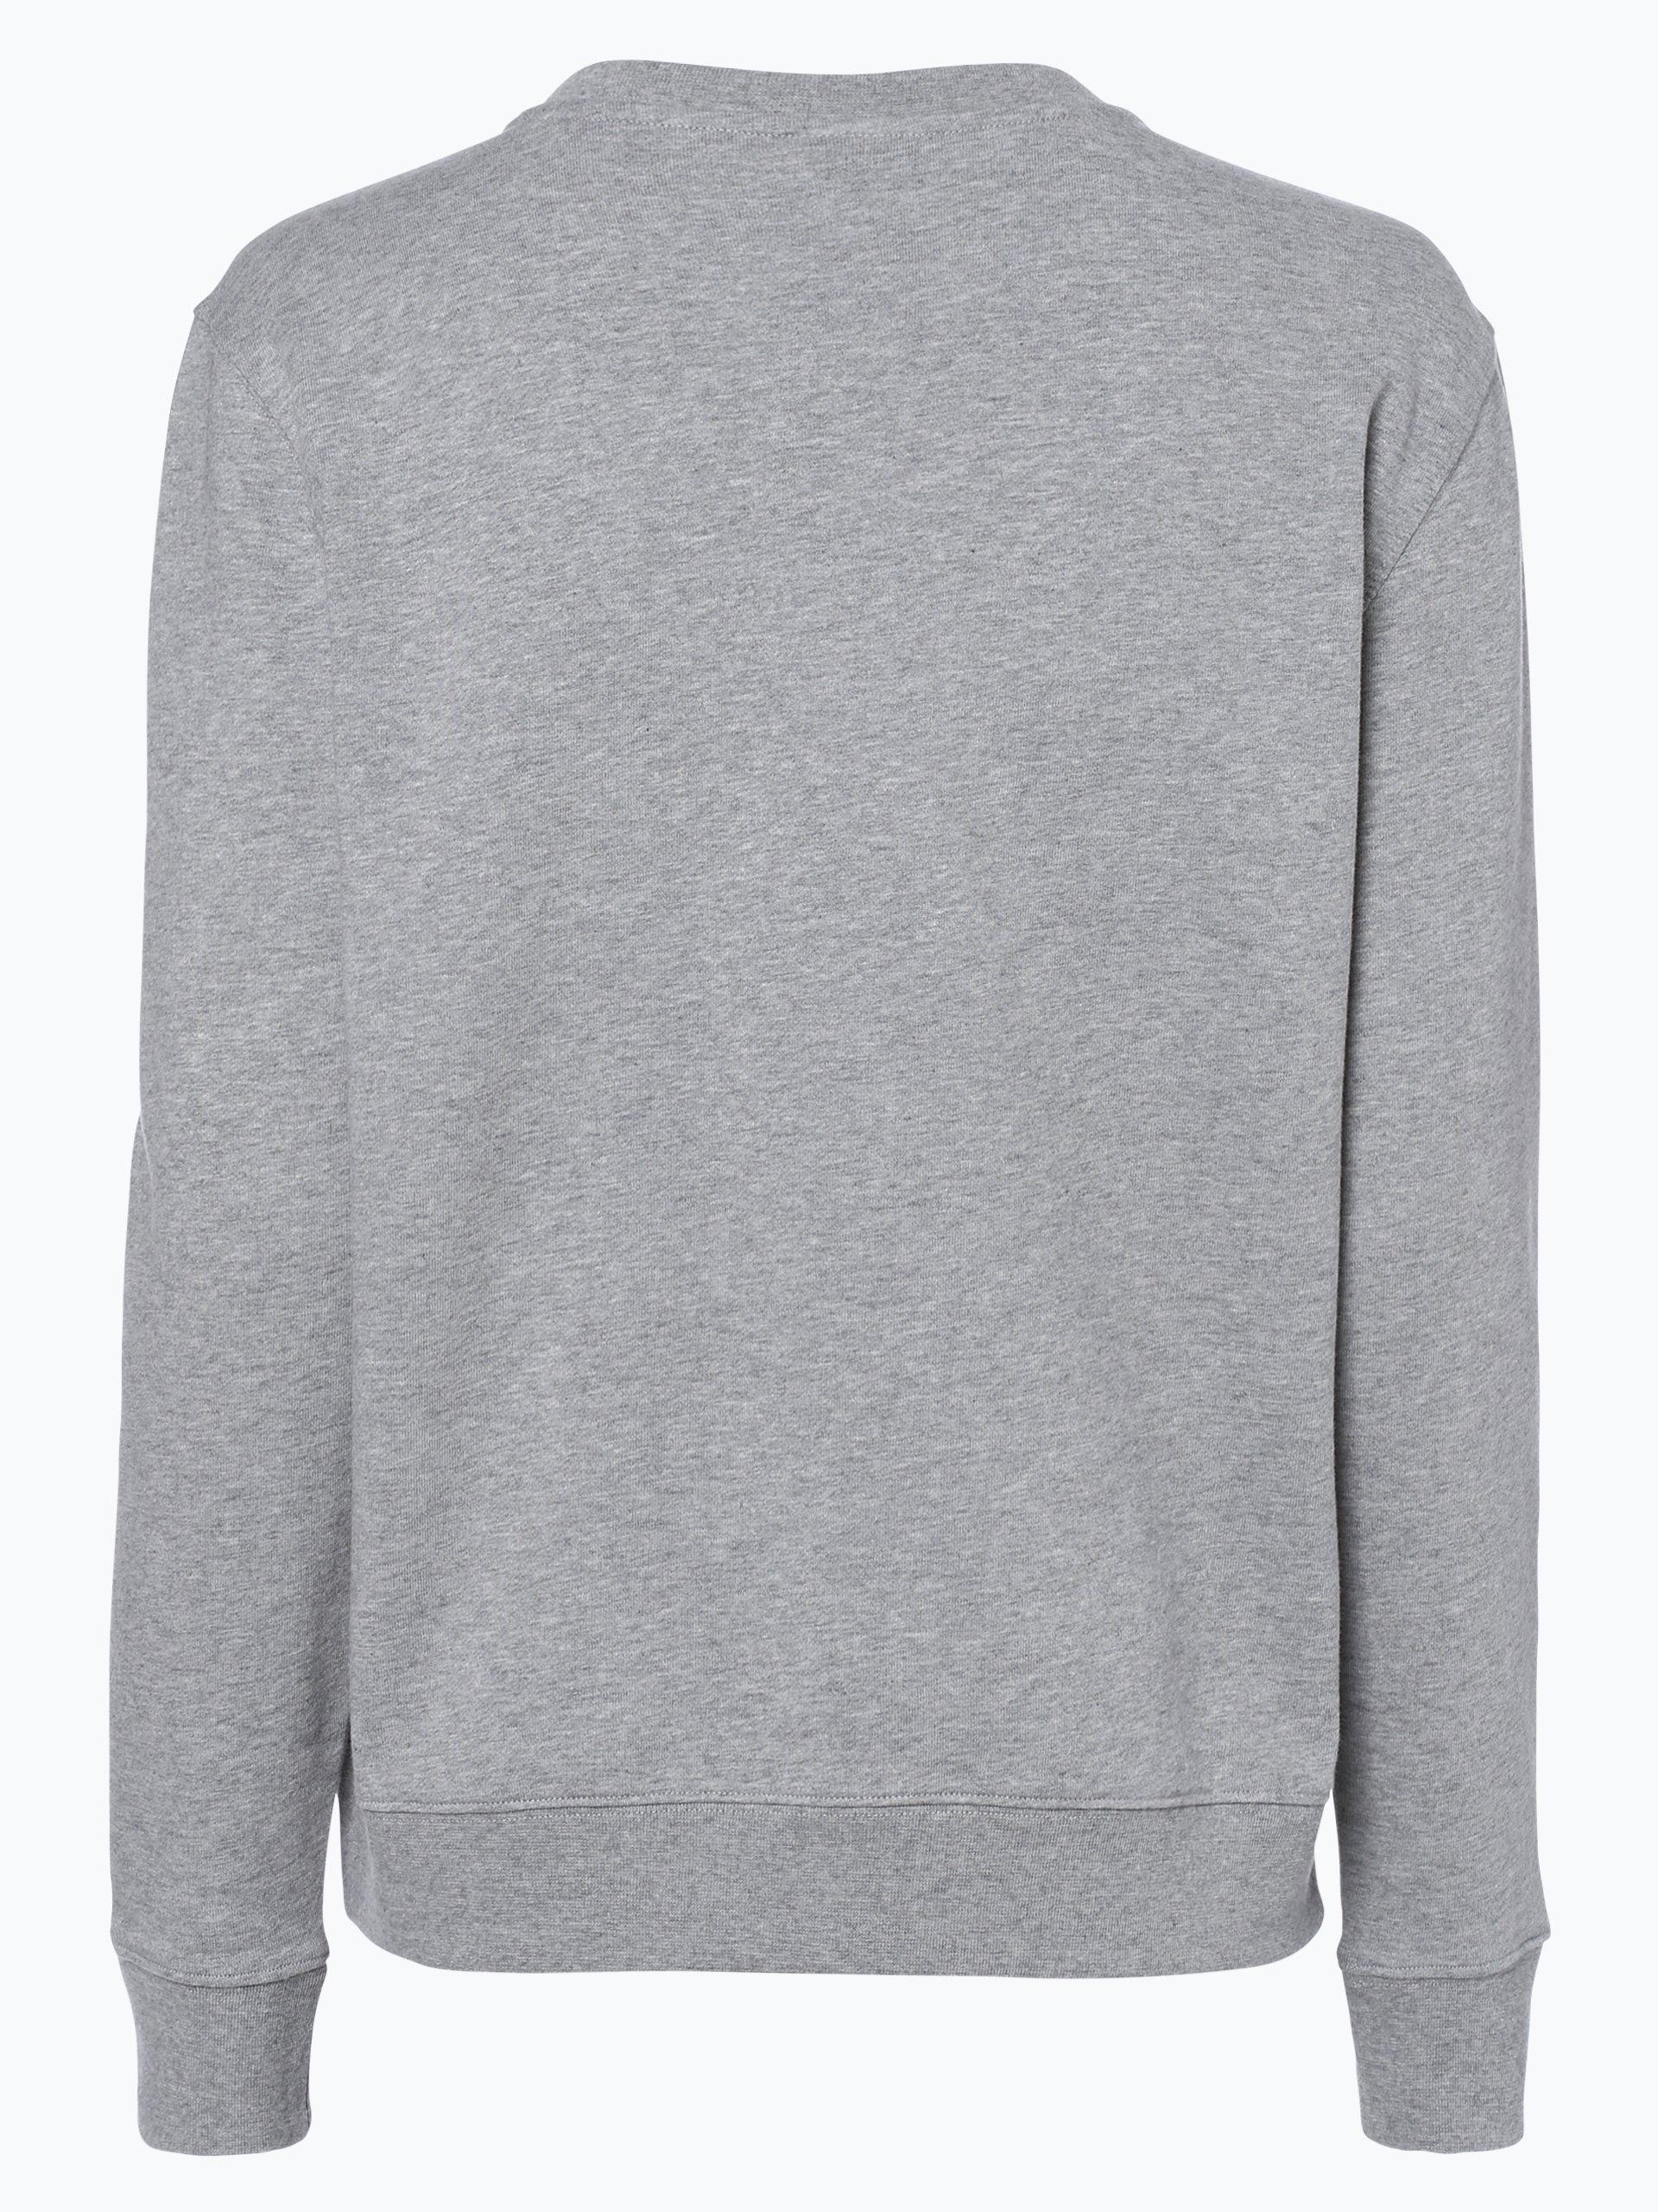 BOSS Casual Damska bluza nierozpinana – Taloboss